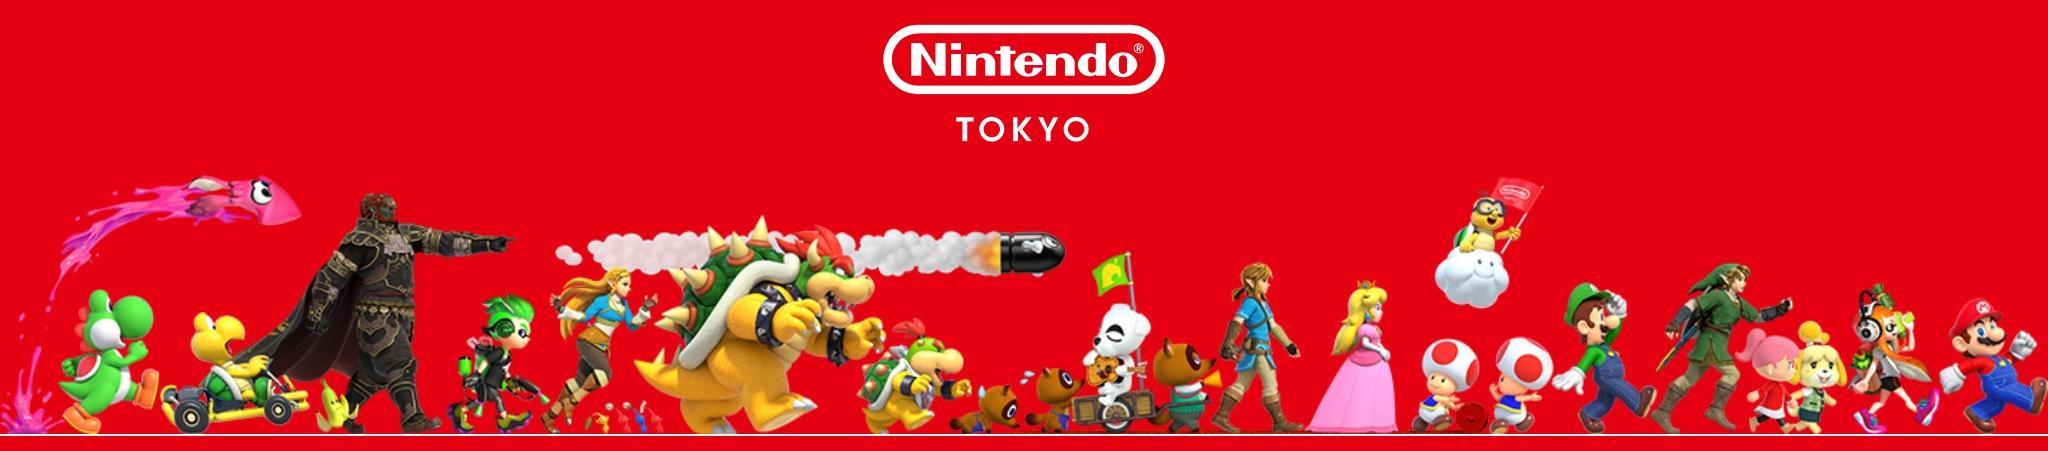 Full Banner Nintendo Know Your Meme